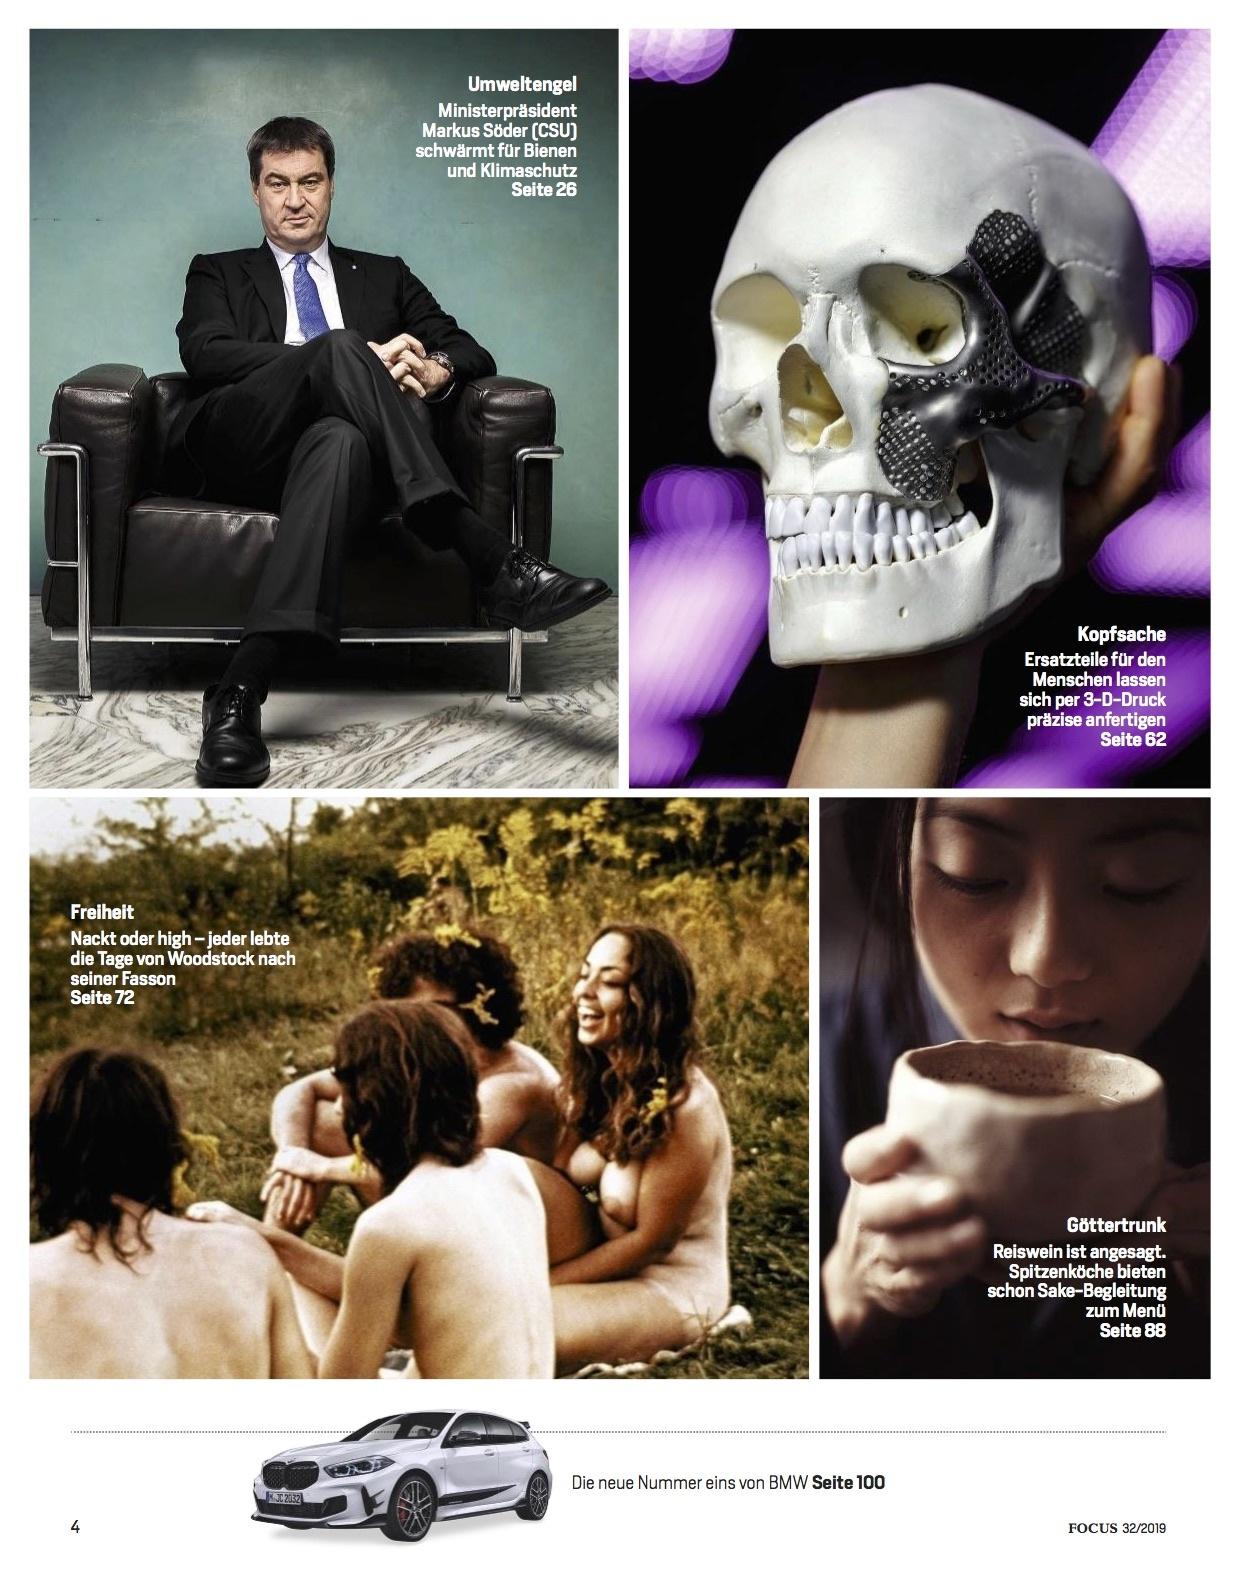 FOCUS Magazin FOCUS Magazin - Früher in Rente ohne Abzüge